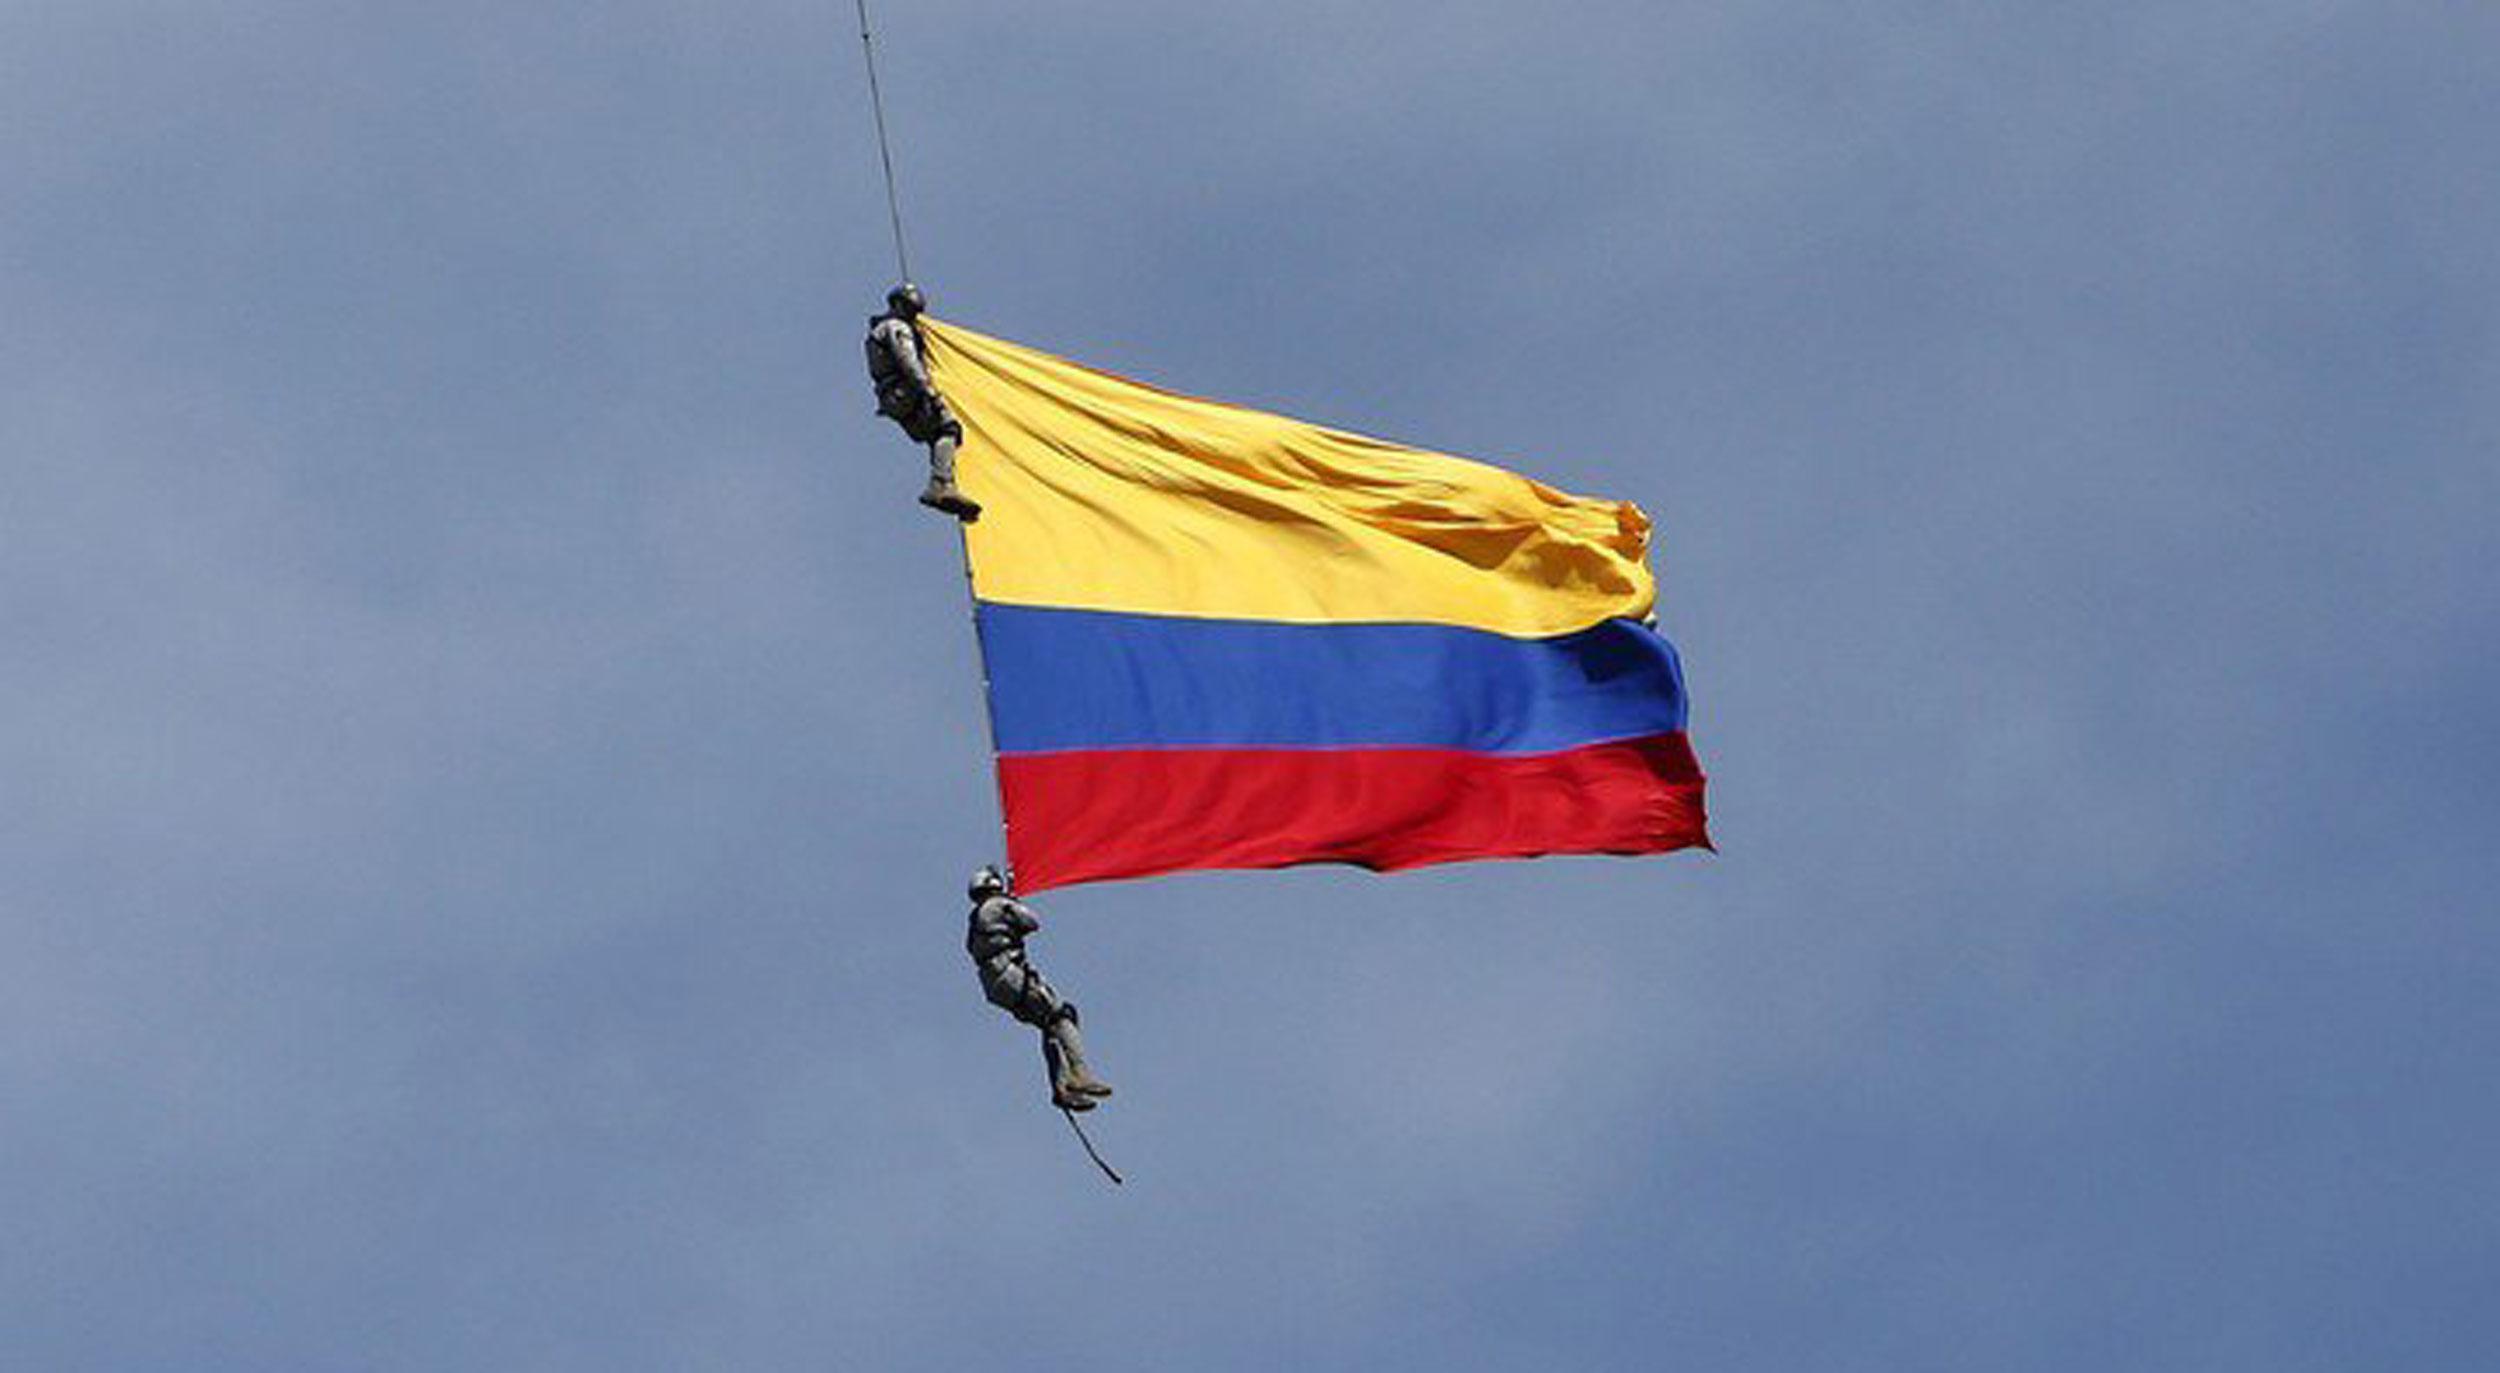 Murieron dos soldados en una demostración aérea en Colombia